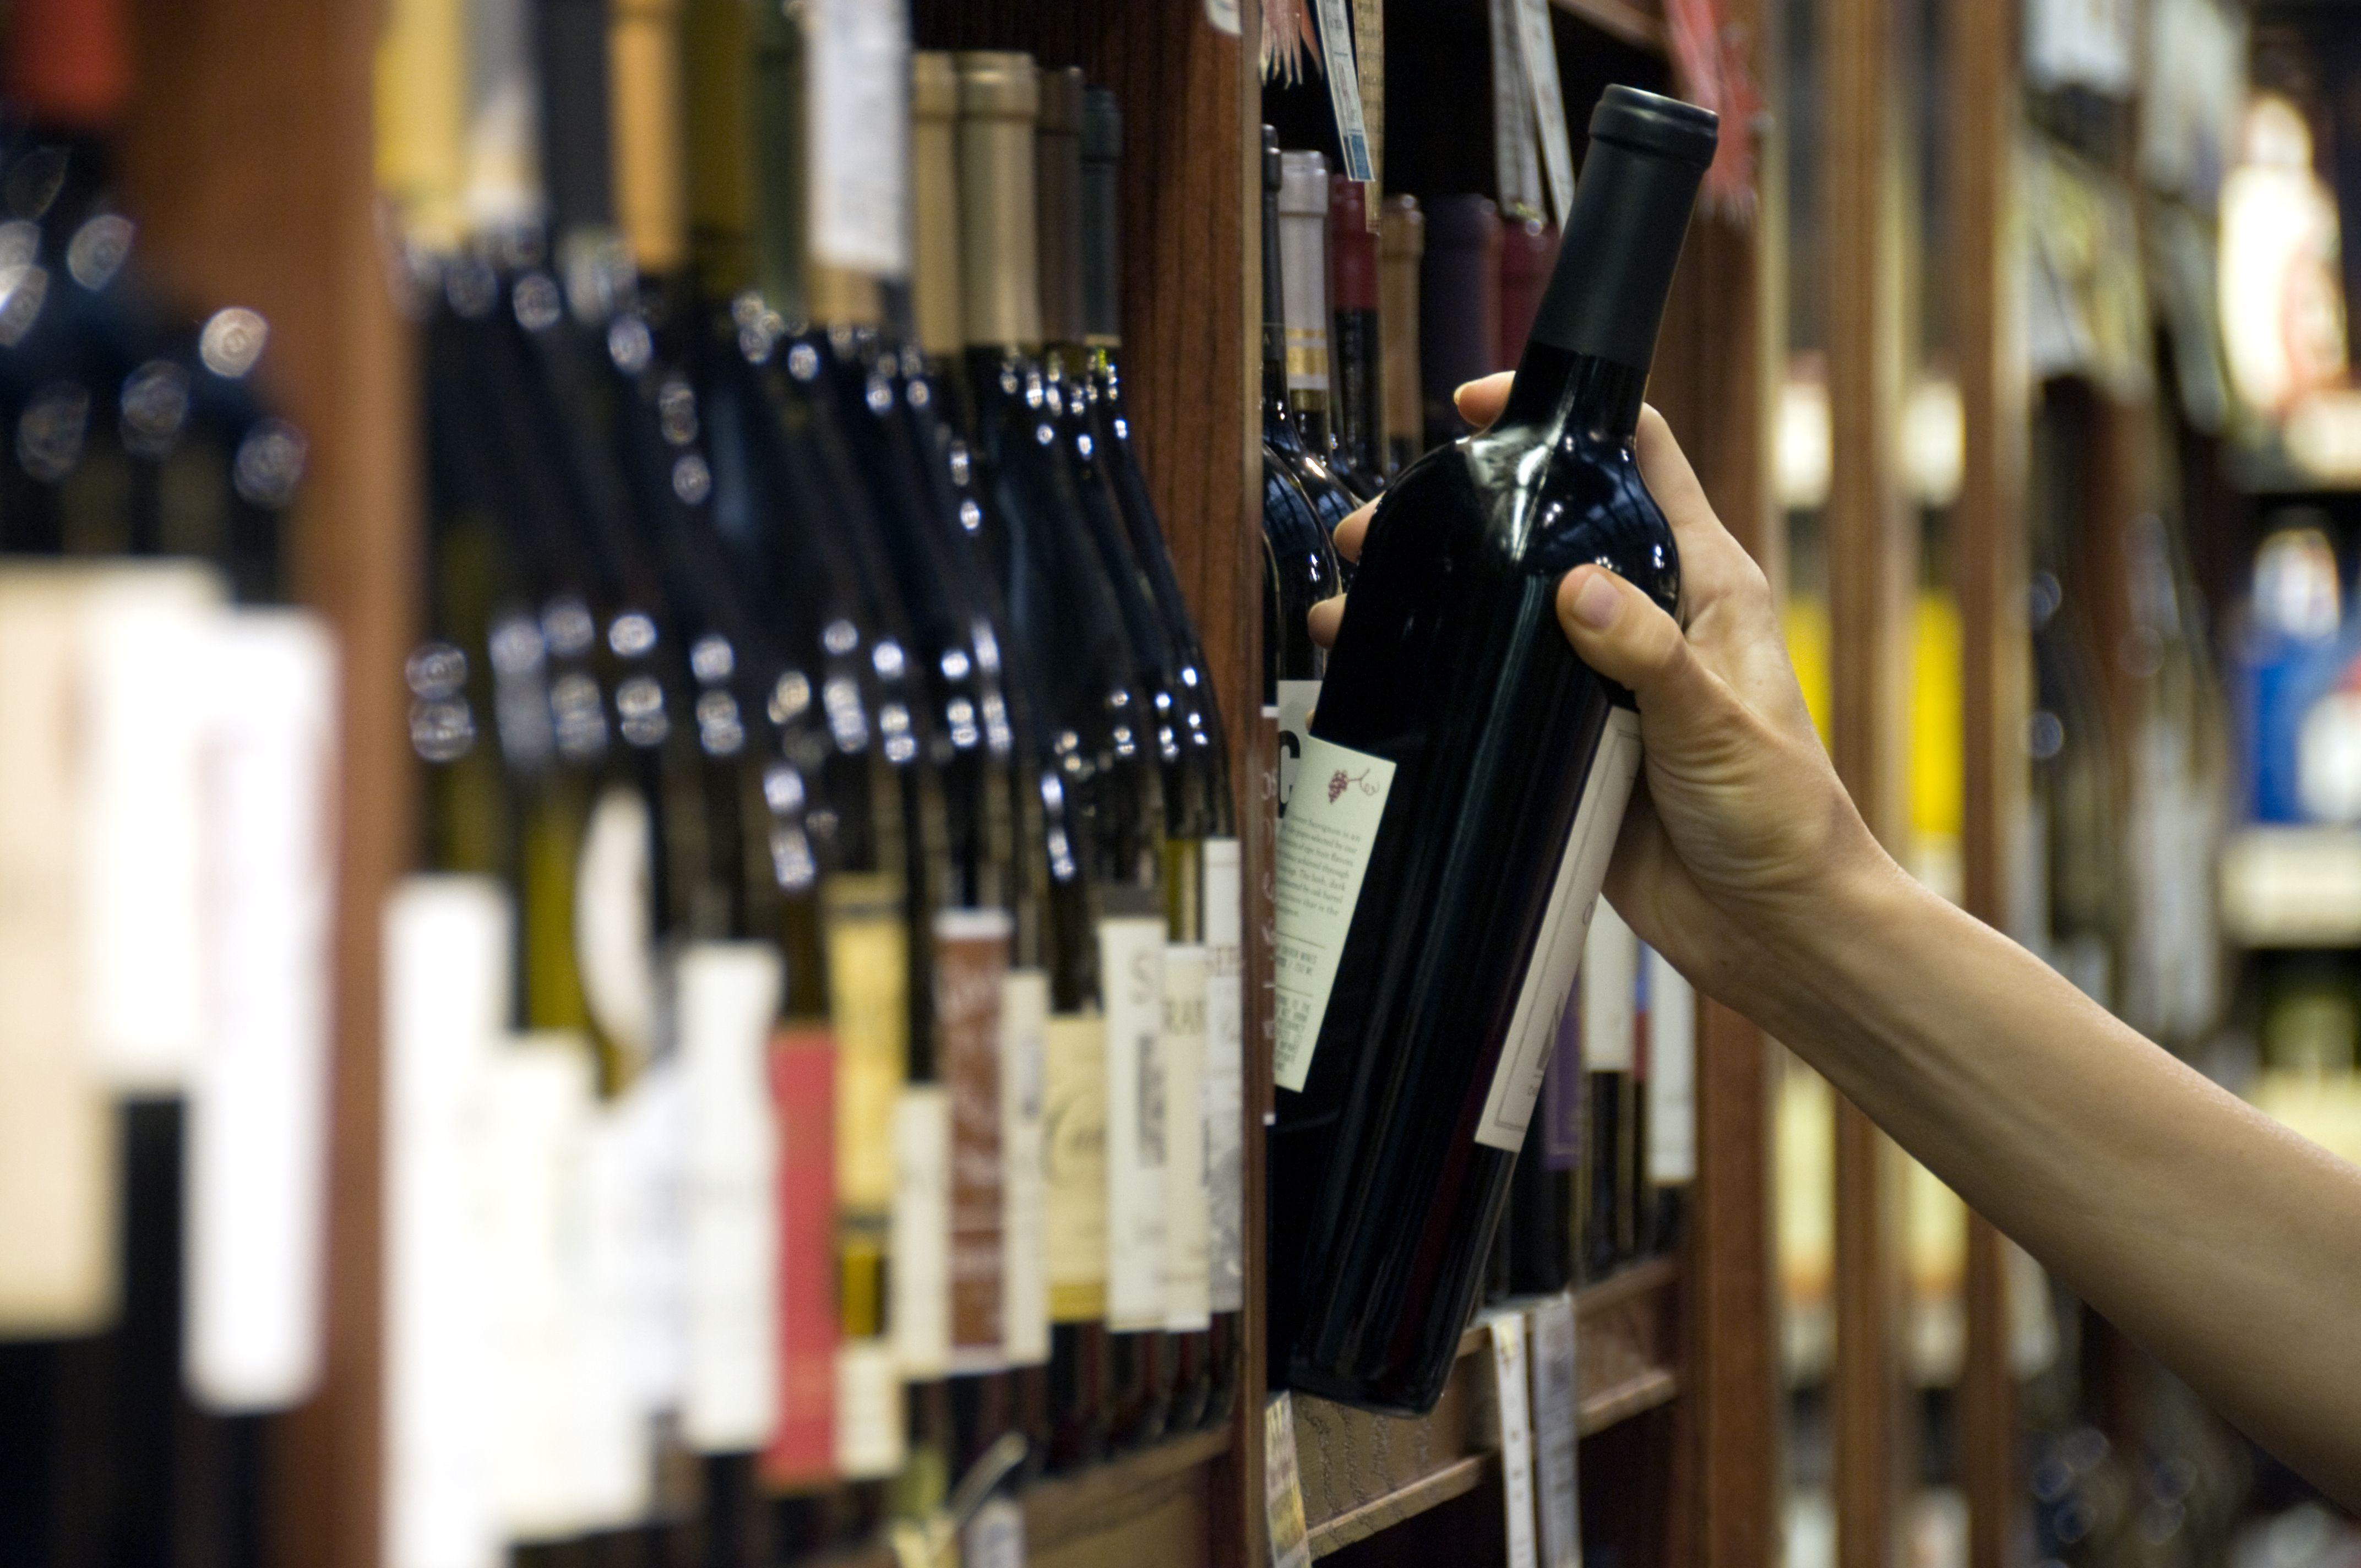 Etiquetas para vinos en Canarias